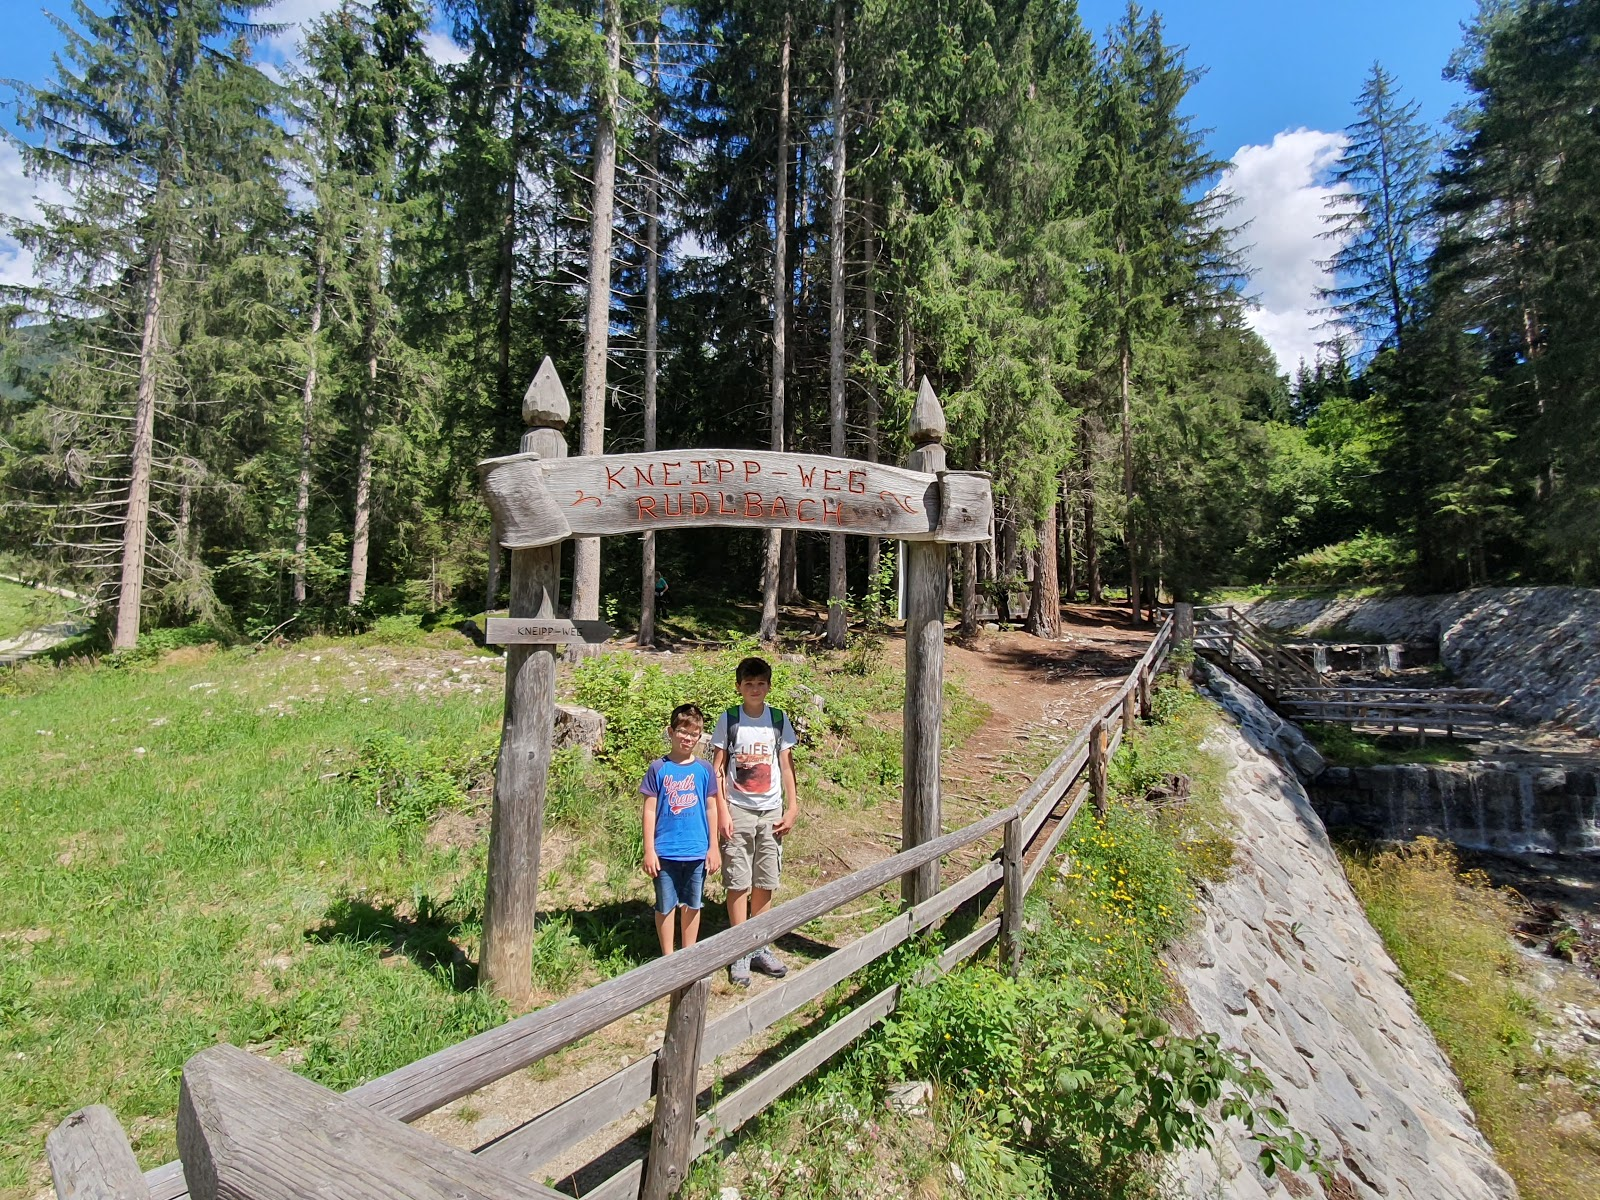 Sognare Di Camminare Scalzi turistidarte: monguelfo-tesido (bz): il percorso kneipp